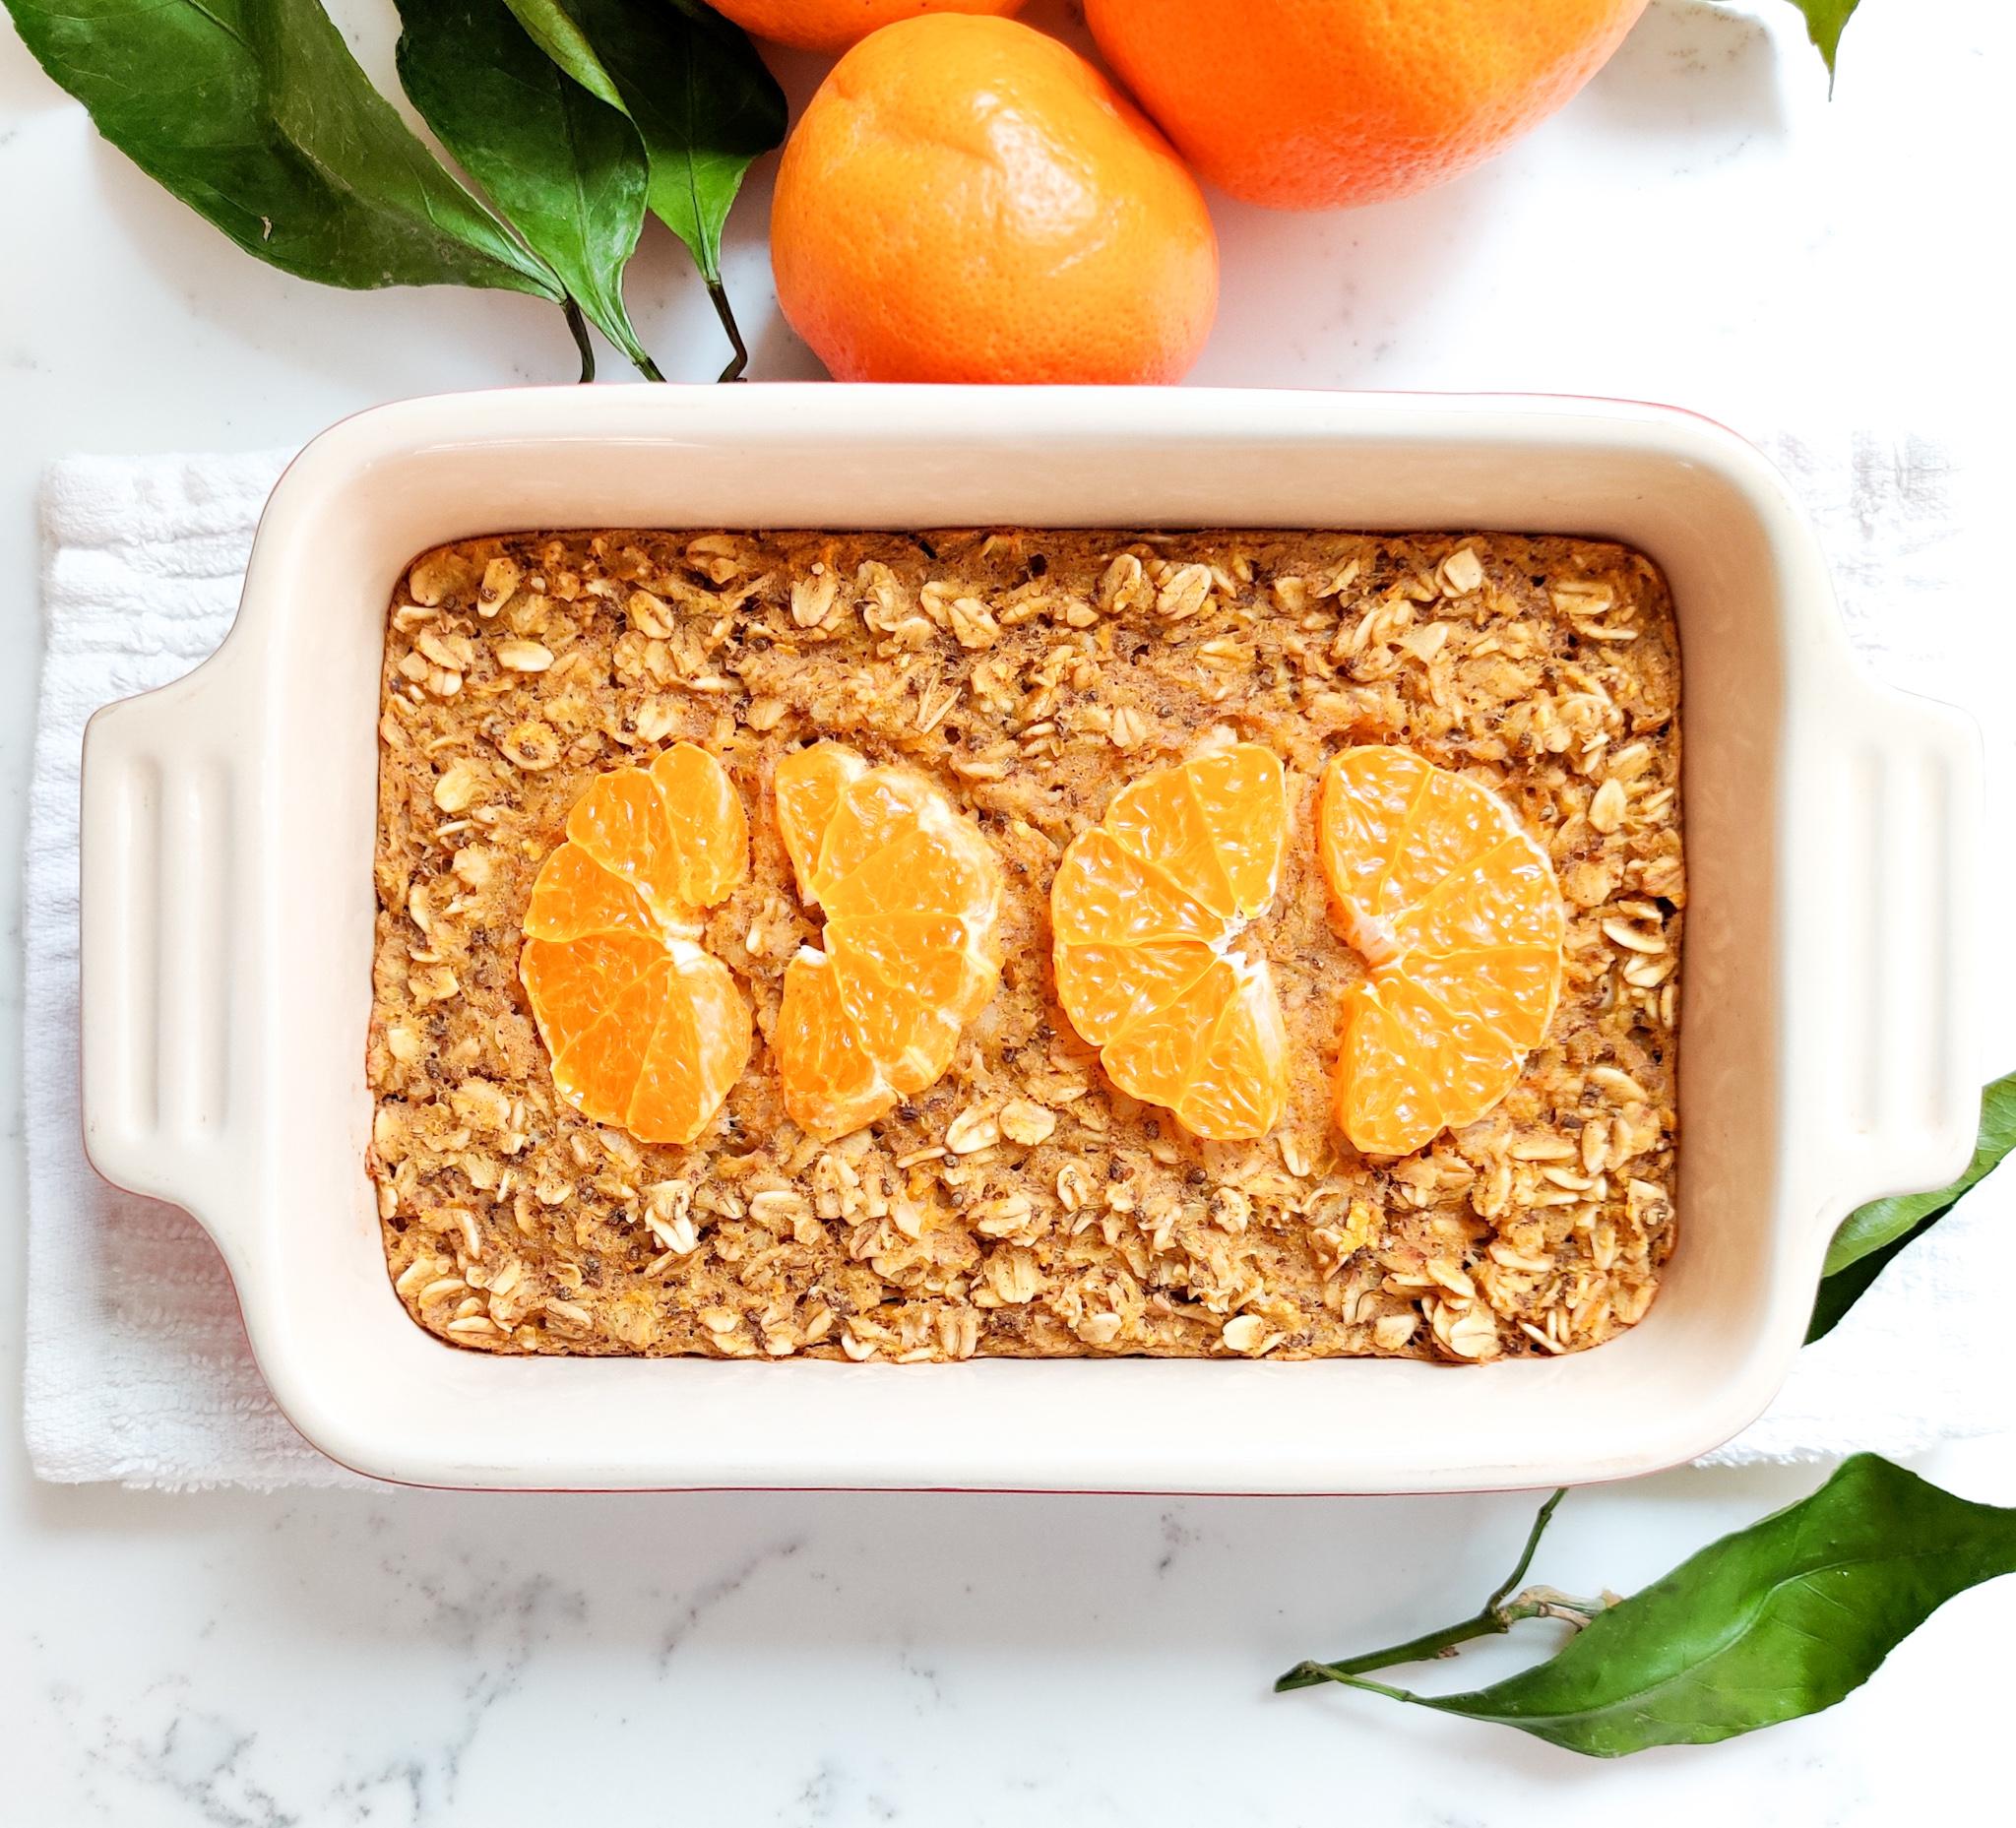 Tangerine Baked Oatmeal